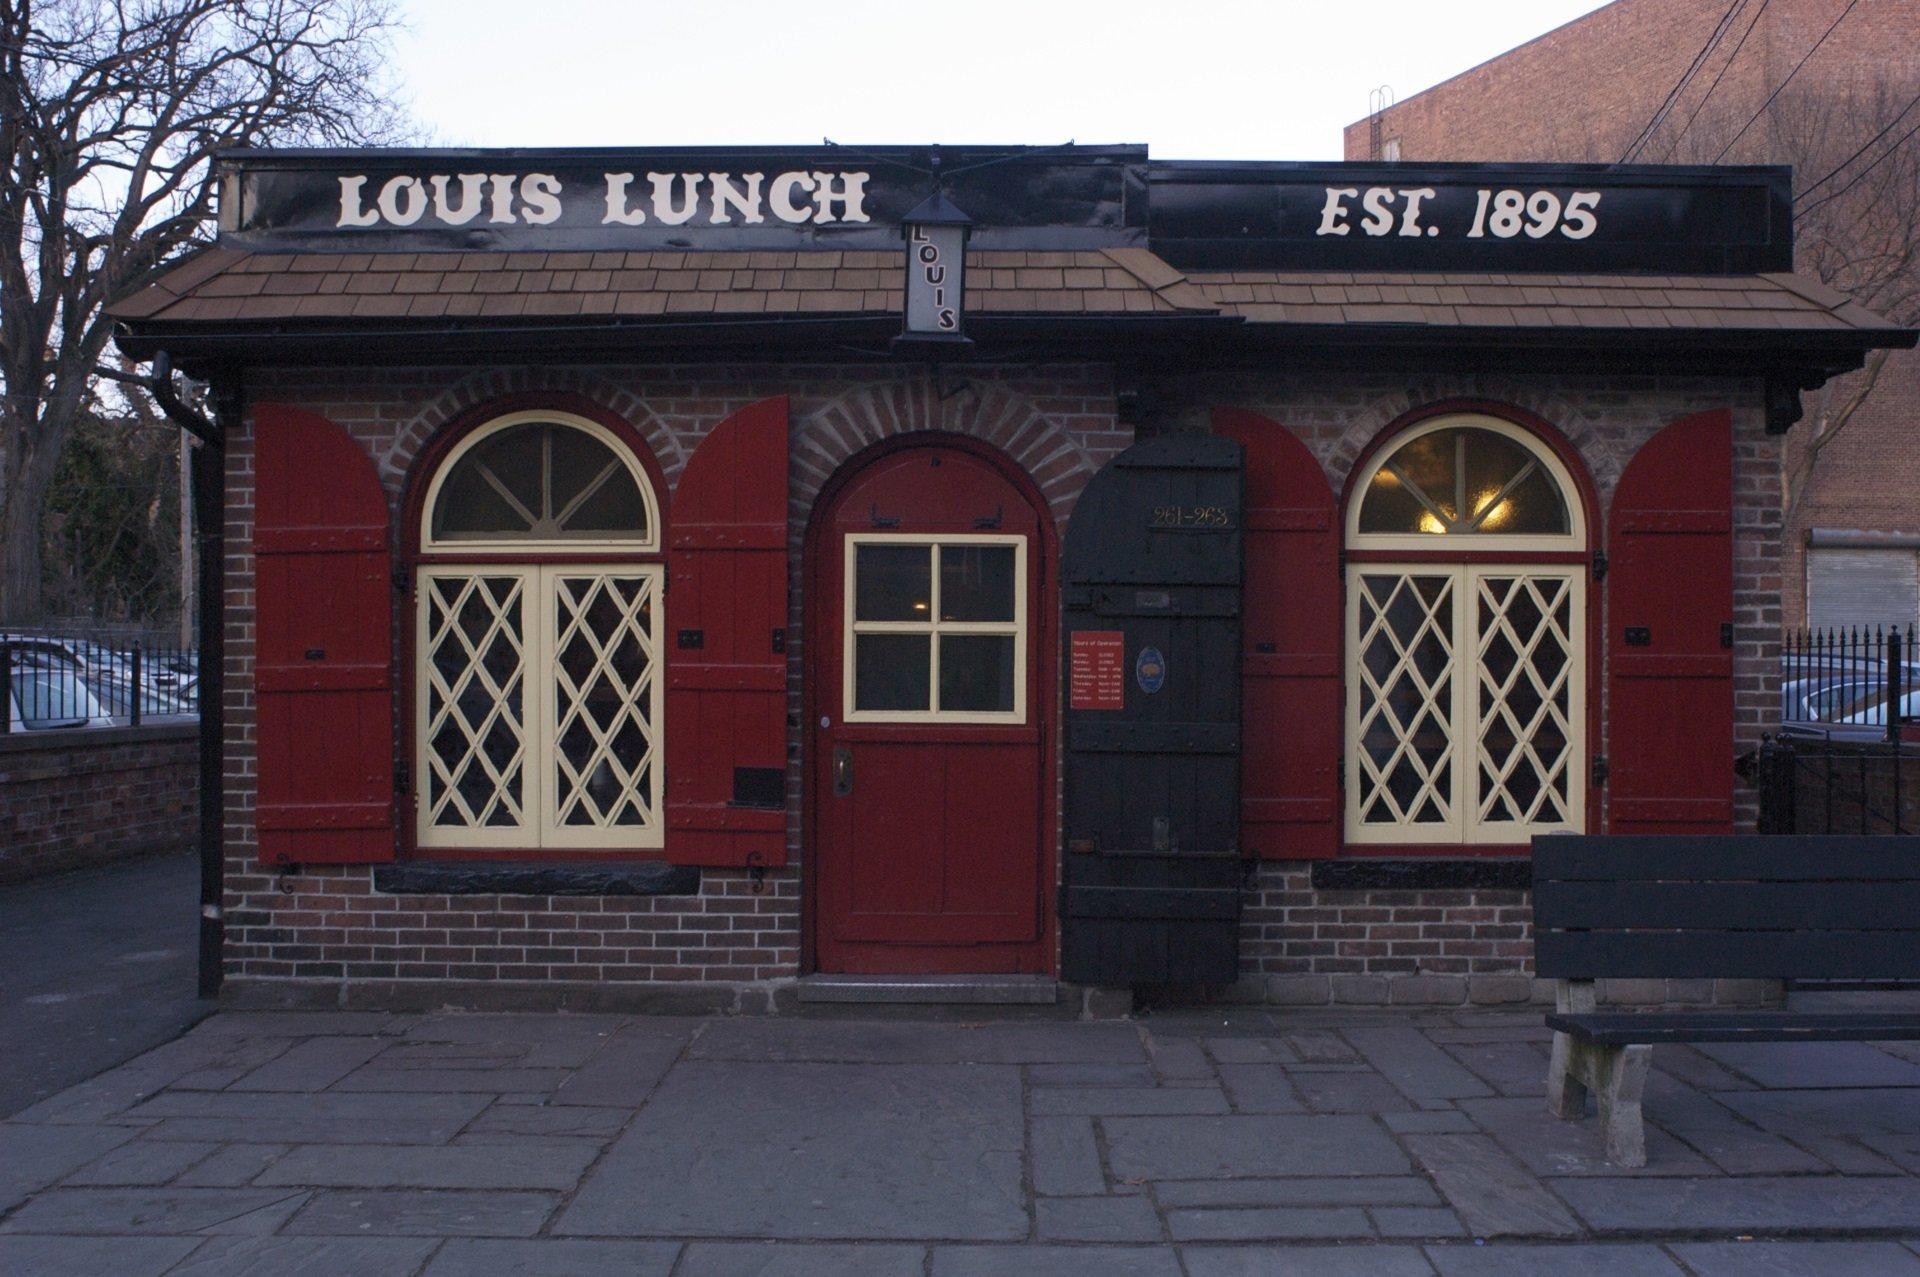 Место, где появился первый классический бургер.